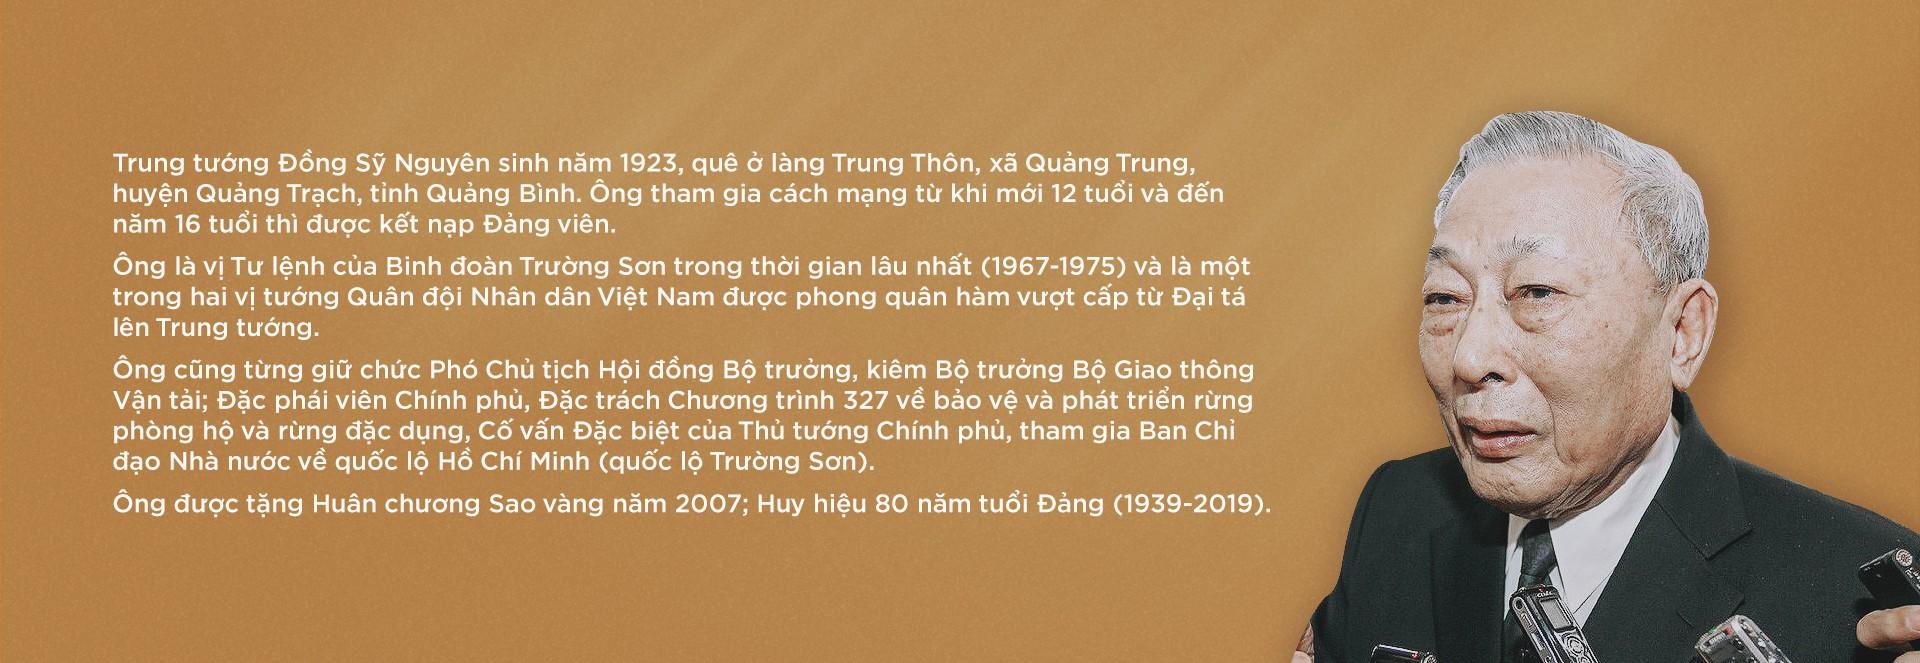 Vĩnh biệt vị tướng già huyền thoại - Đồng Sỹ Nguyên - Ảnh 14.